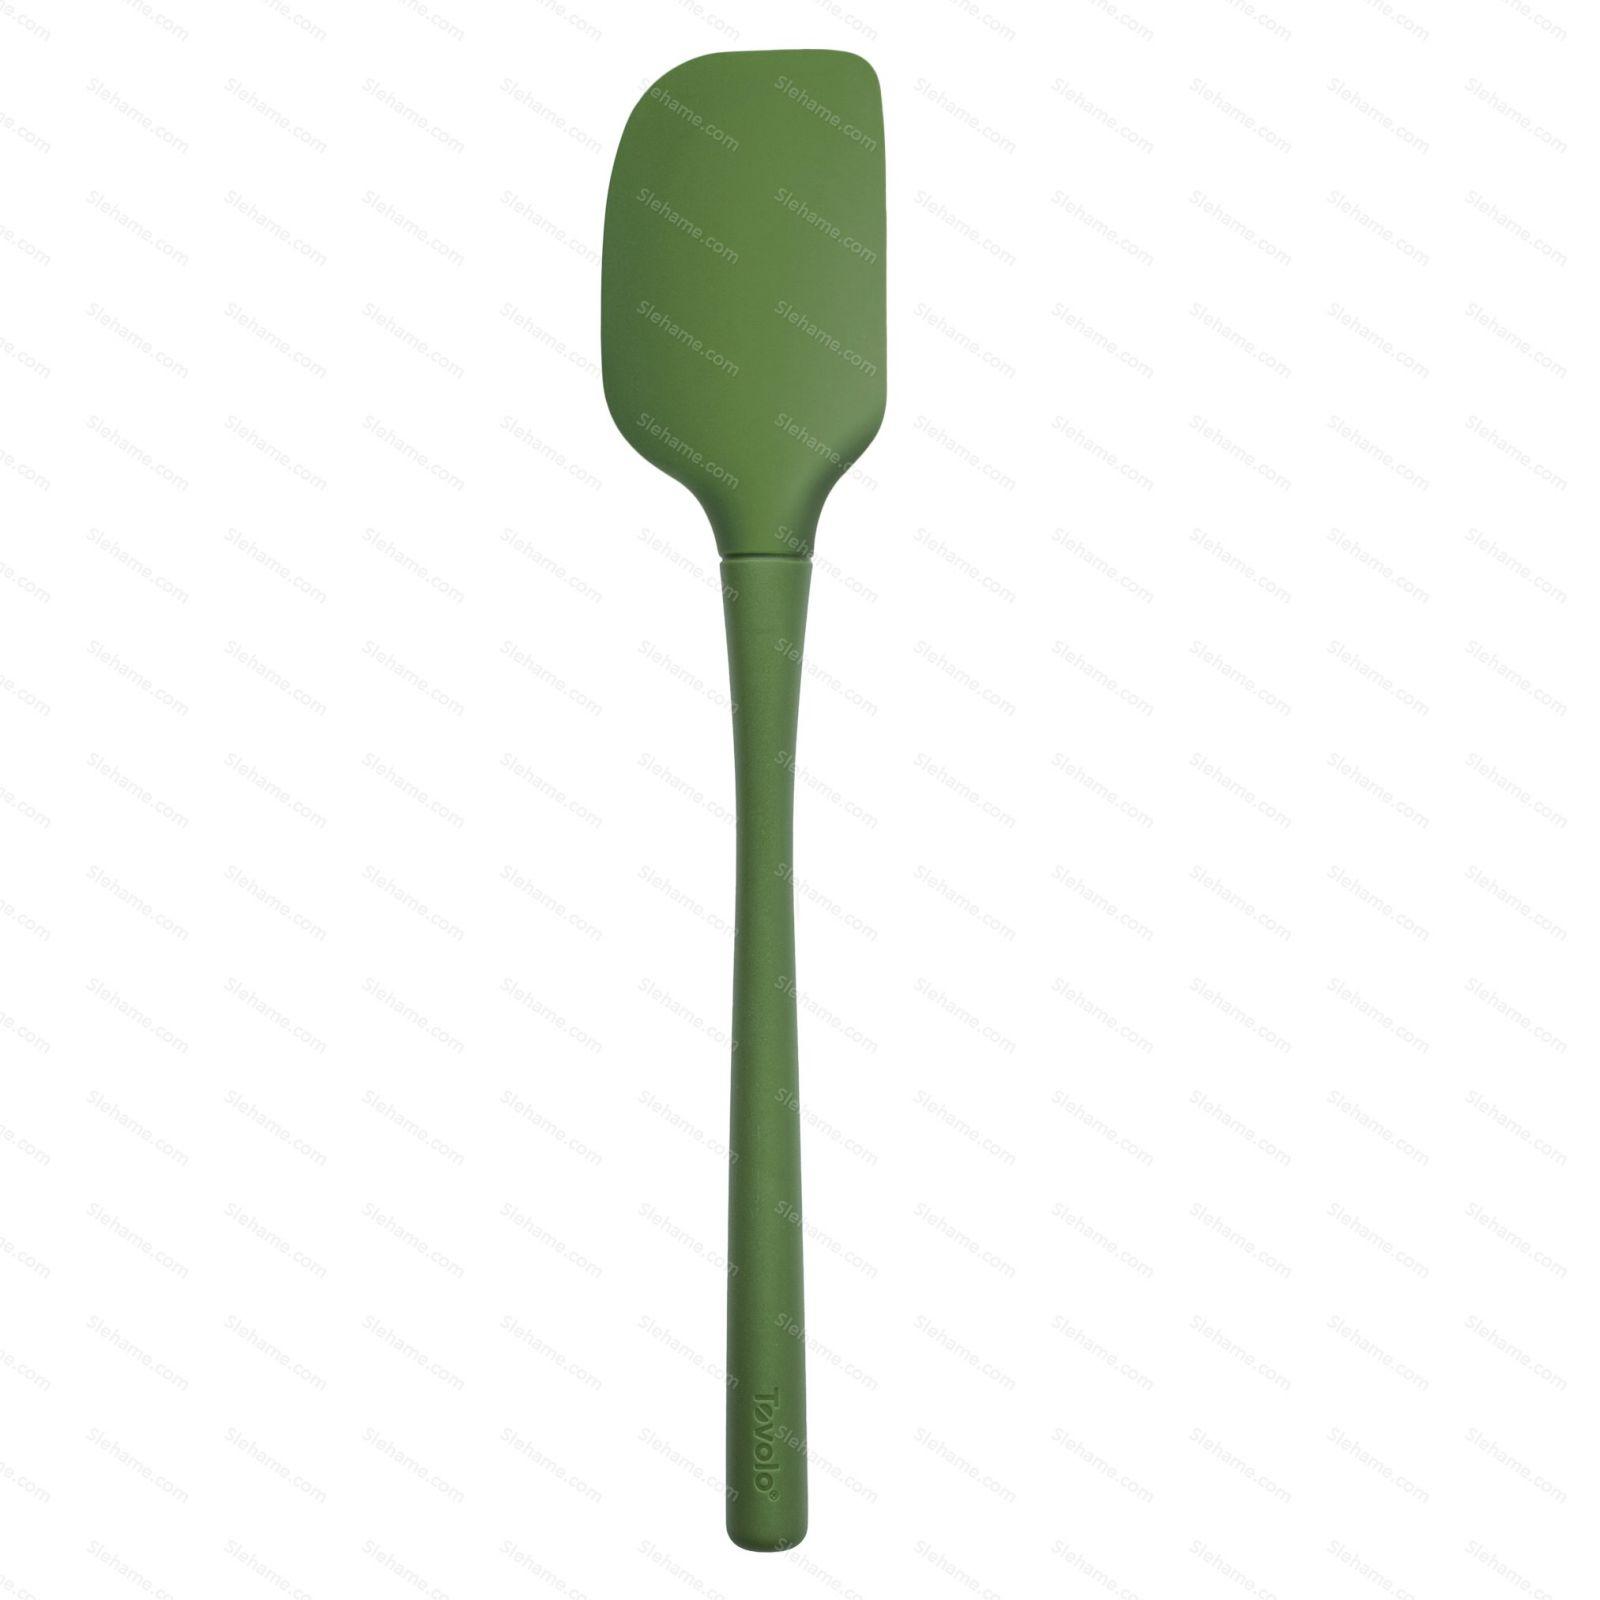 Stěrka Tovolo FLEX-CORE Spatula, zelená